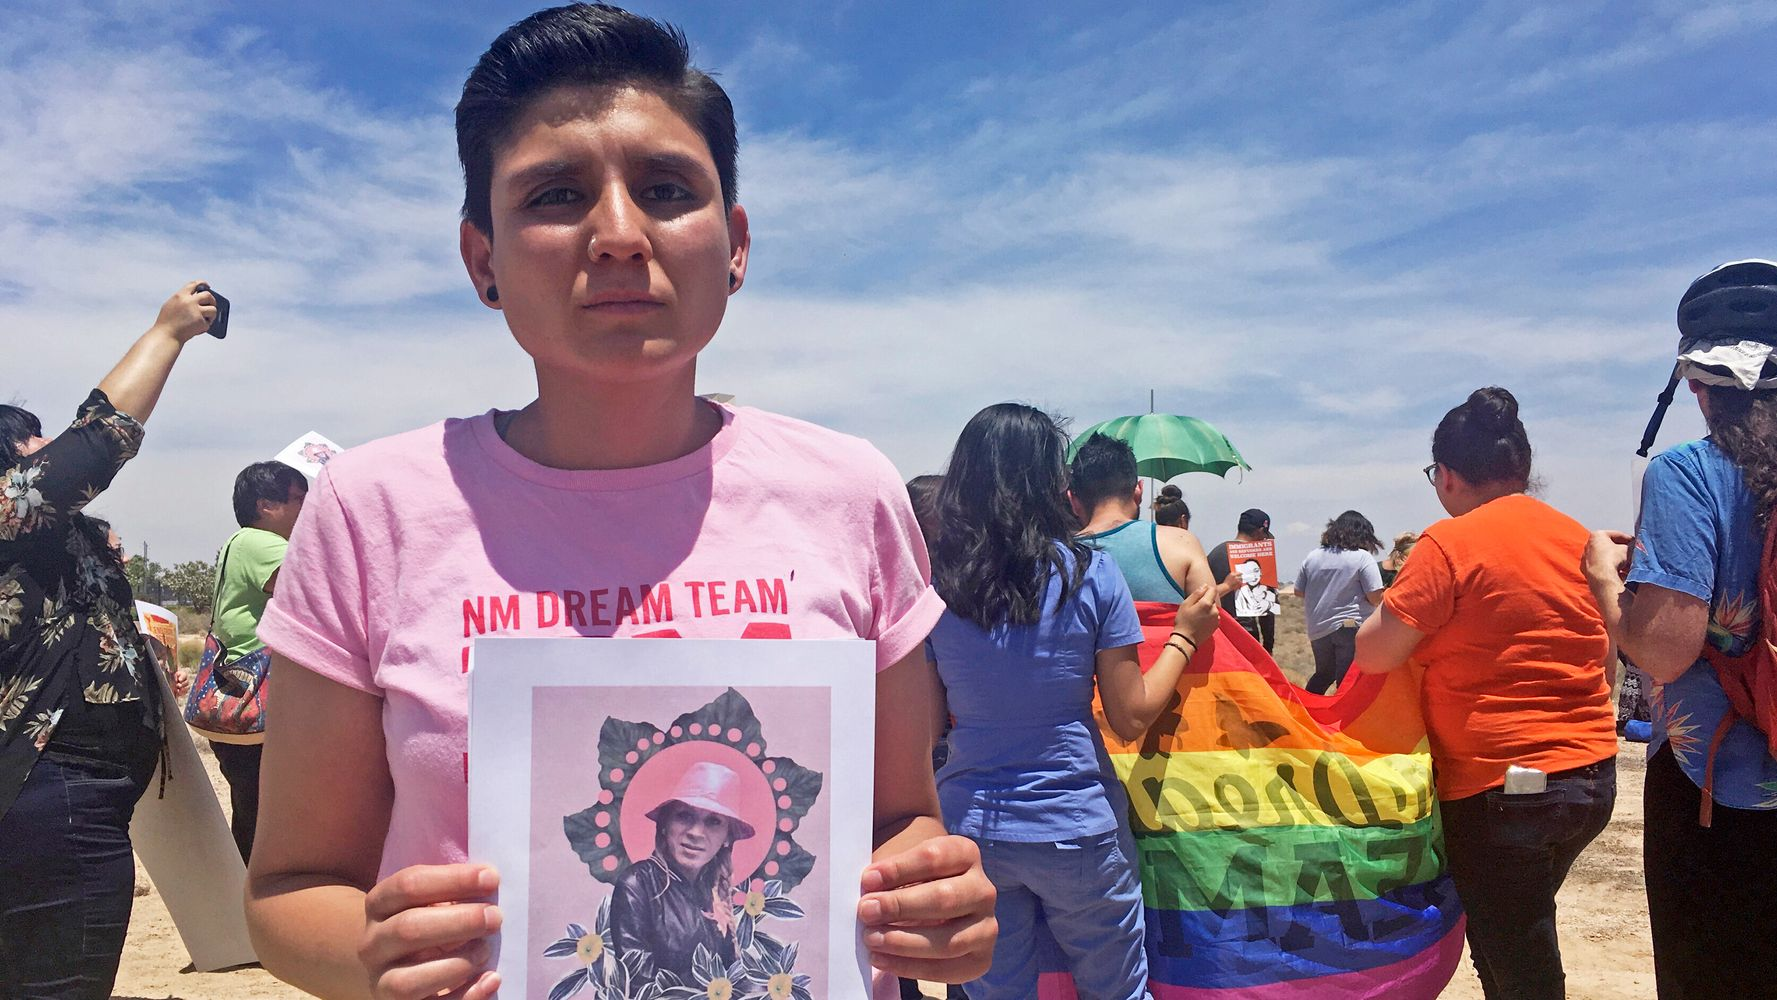 Mujer transgénero fue agredida sexualmente en el sitio de ICE, dicen los defensores